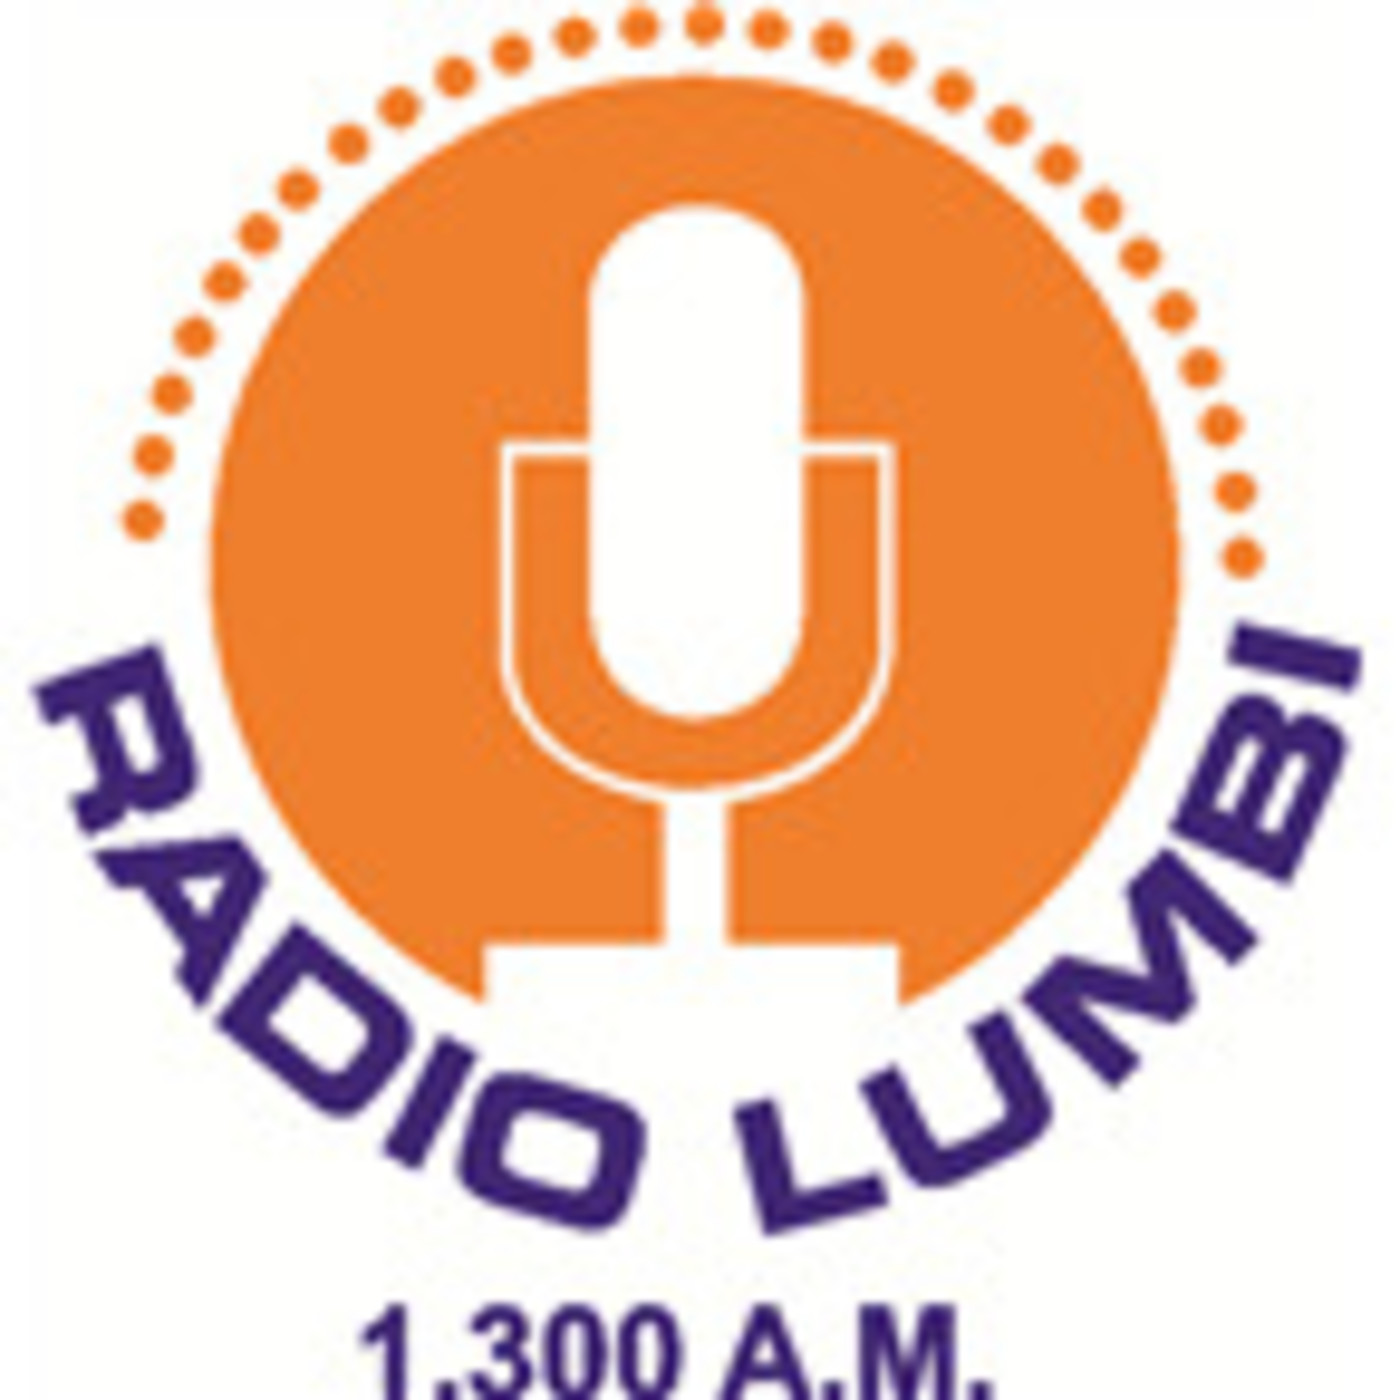 Radio Lumbi